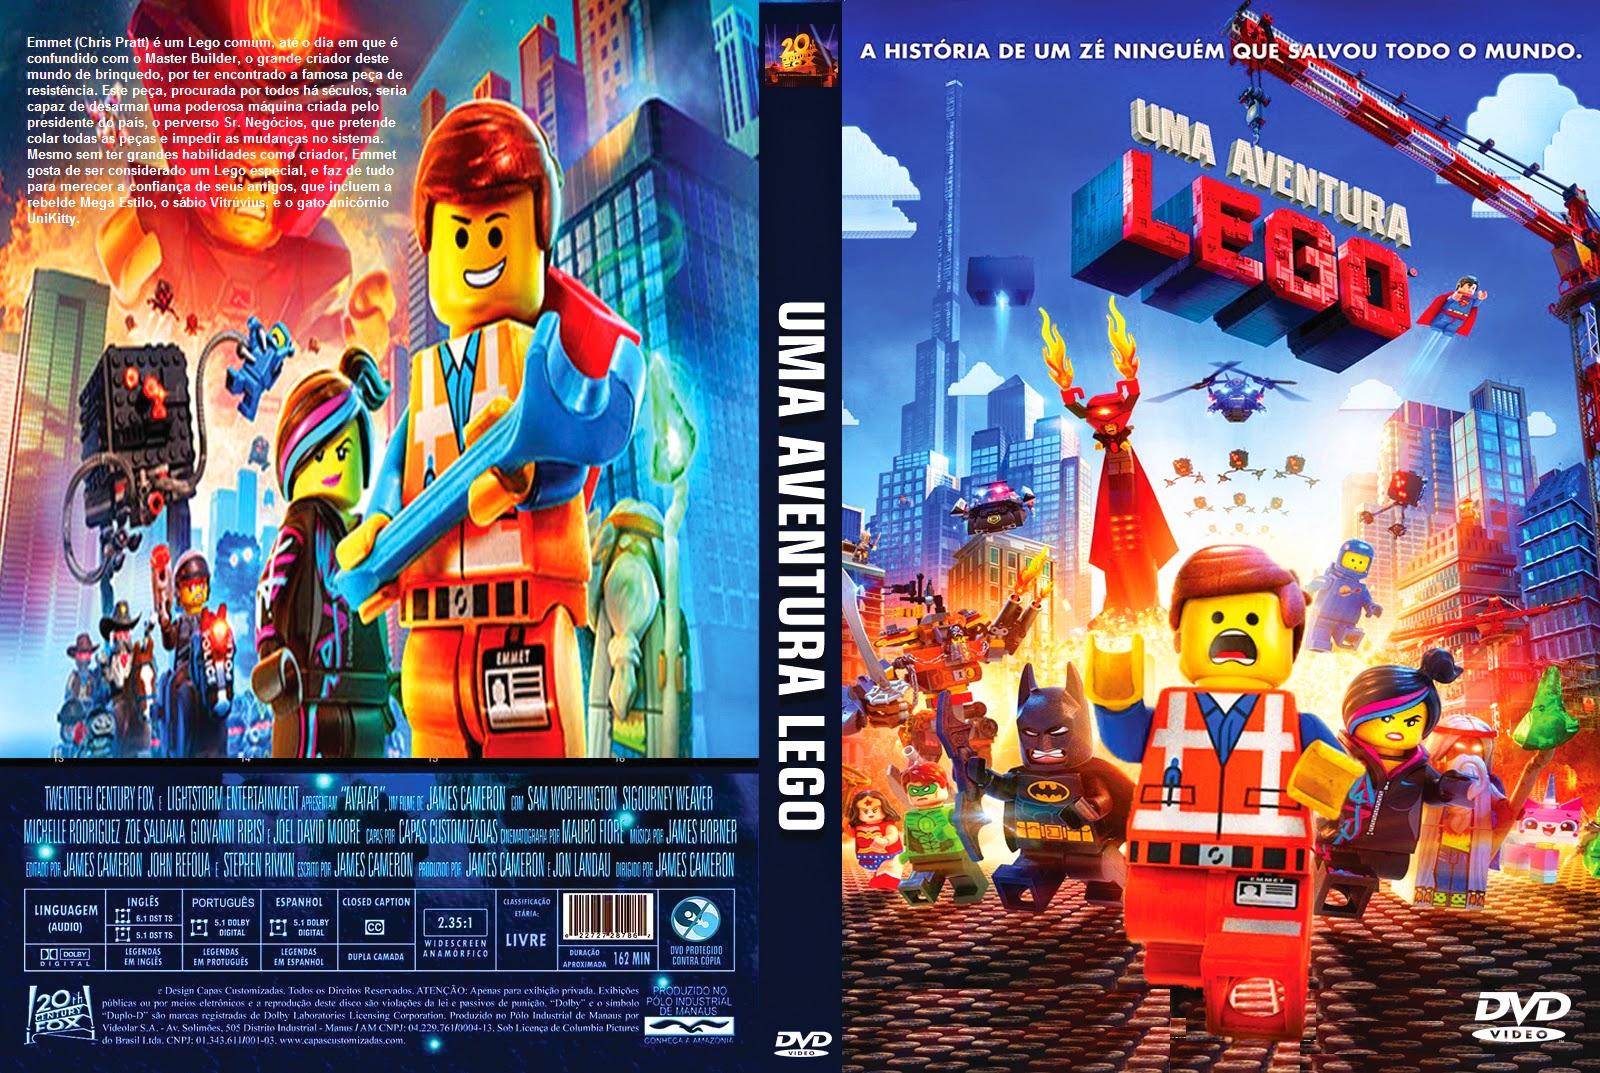 CAPAS de DVDs Buiu de Jesus: UMA AVENTURA LEGO